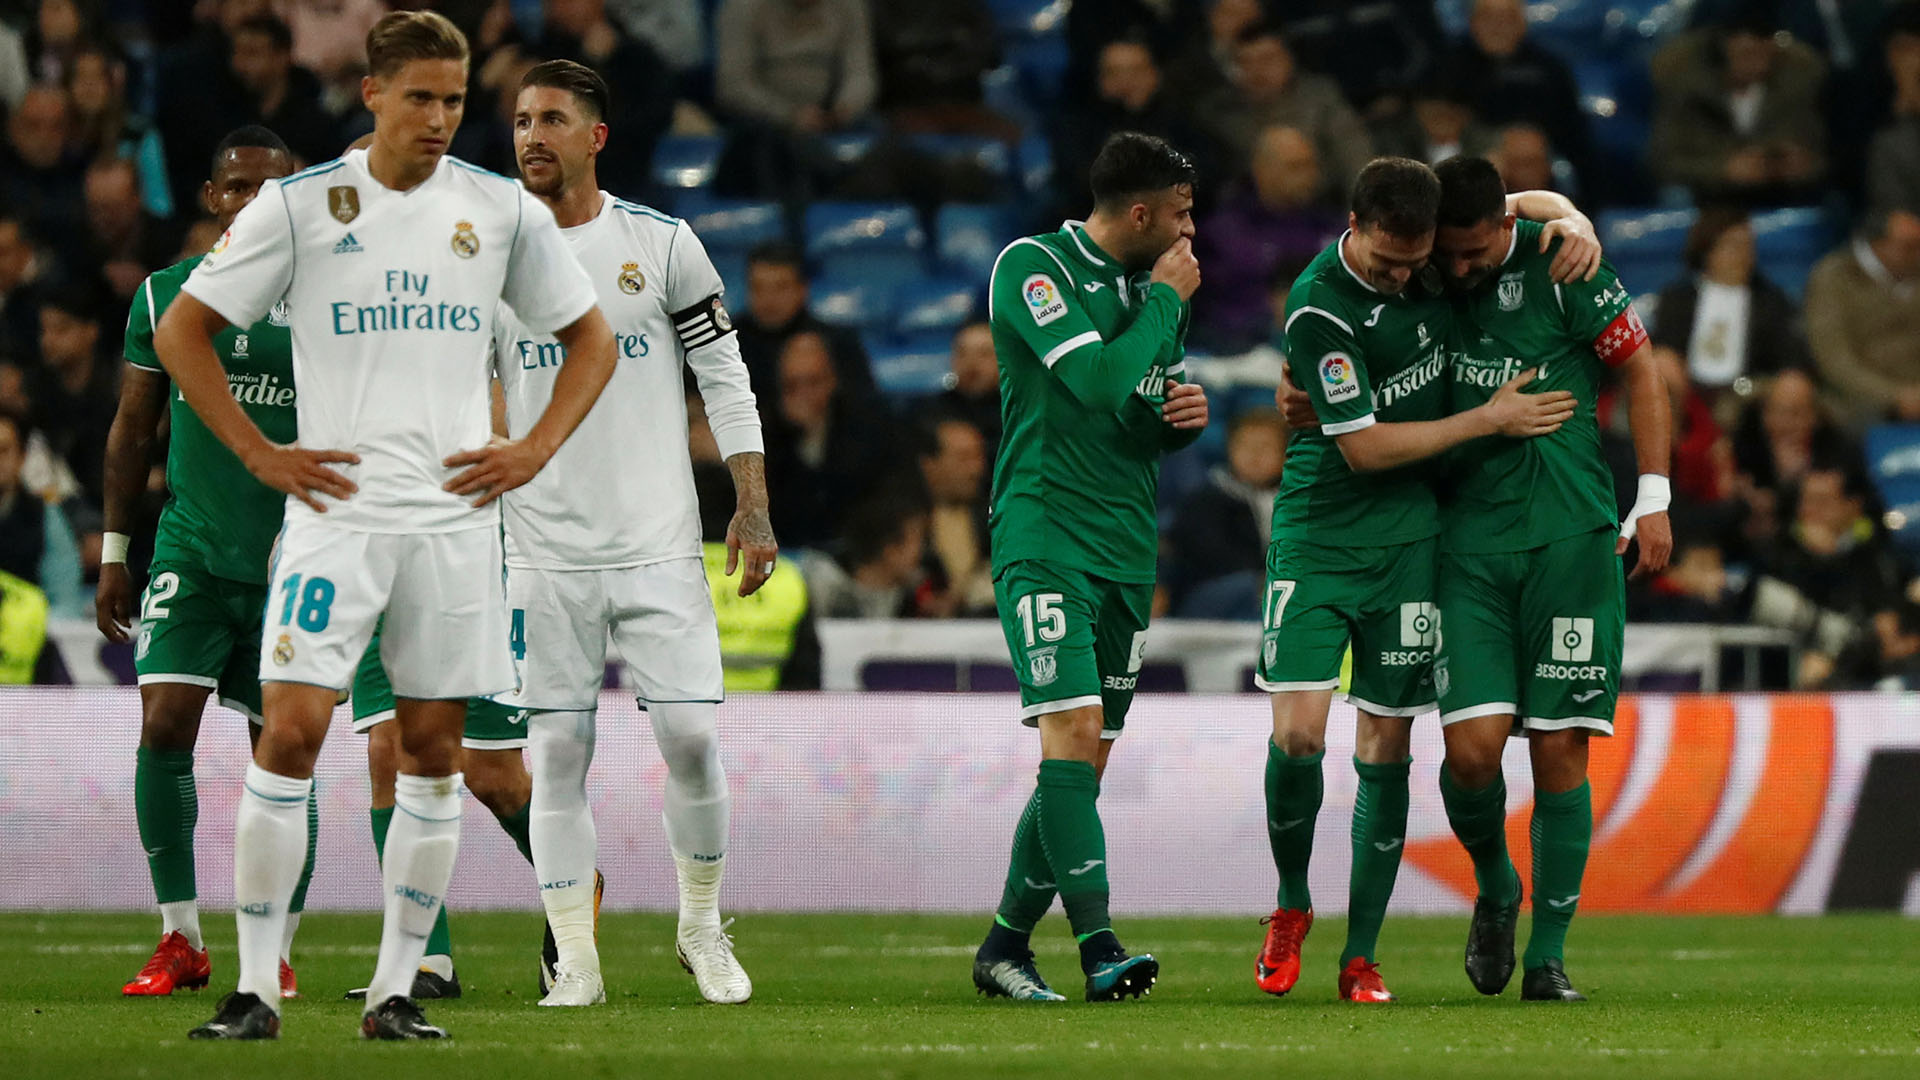 El Leganés terminó de hundir al Real Madrid al eliminarlo de la Copa del Rey (Reuters)